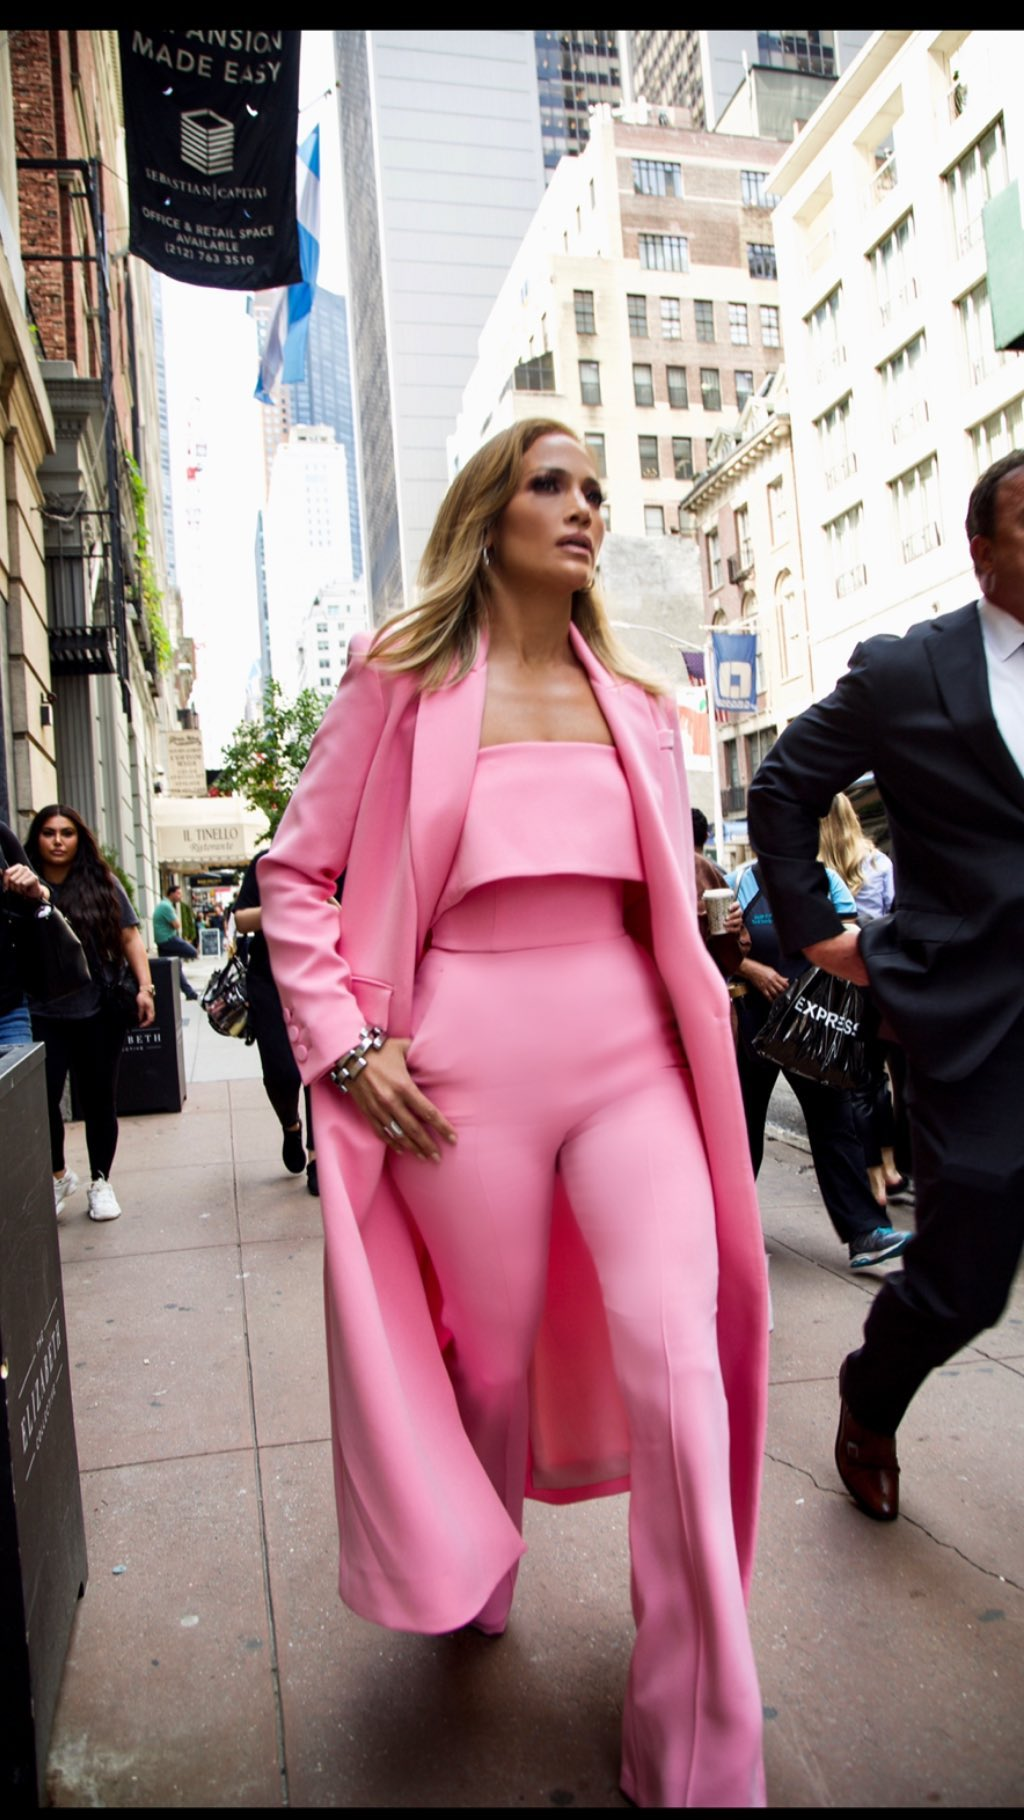 Дженнифер Лопес в розовом костюме